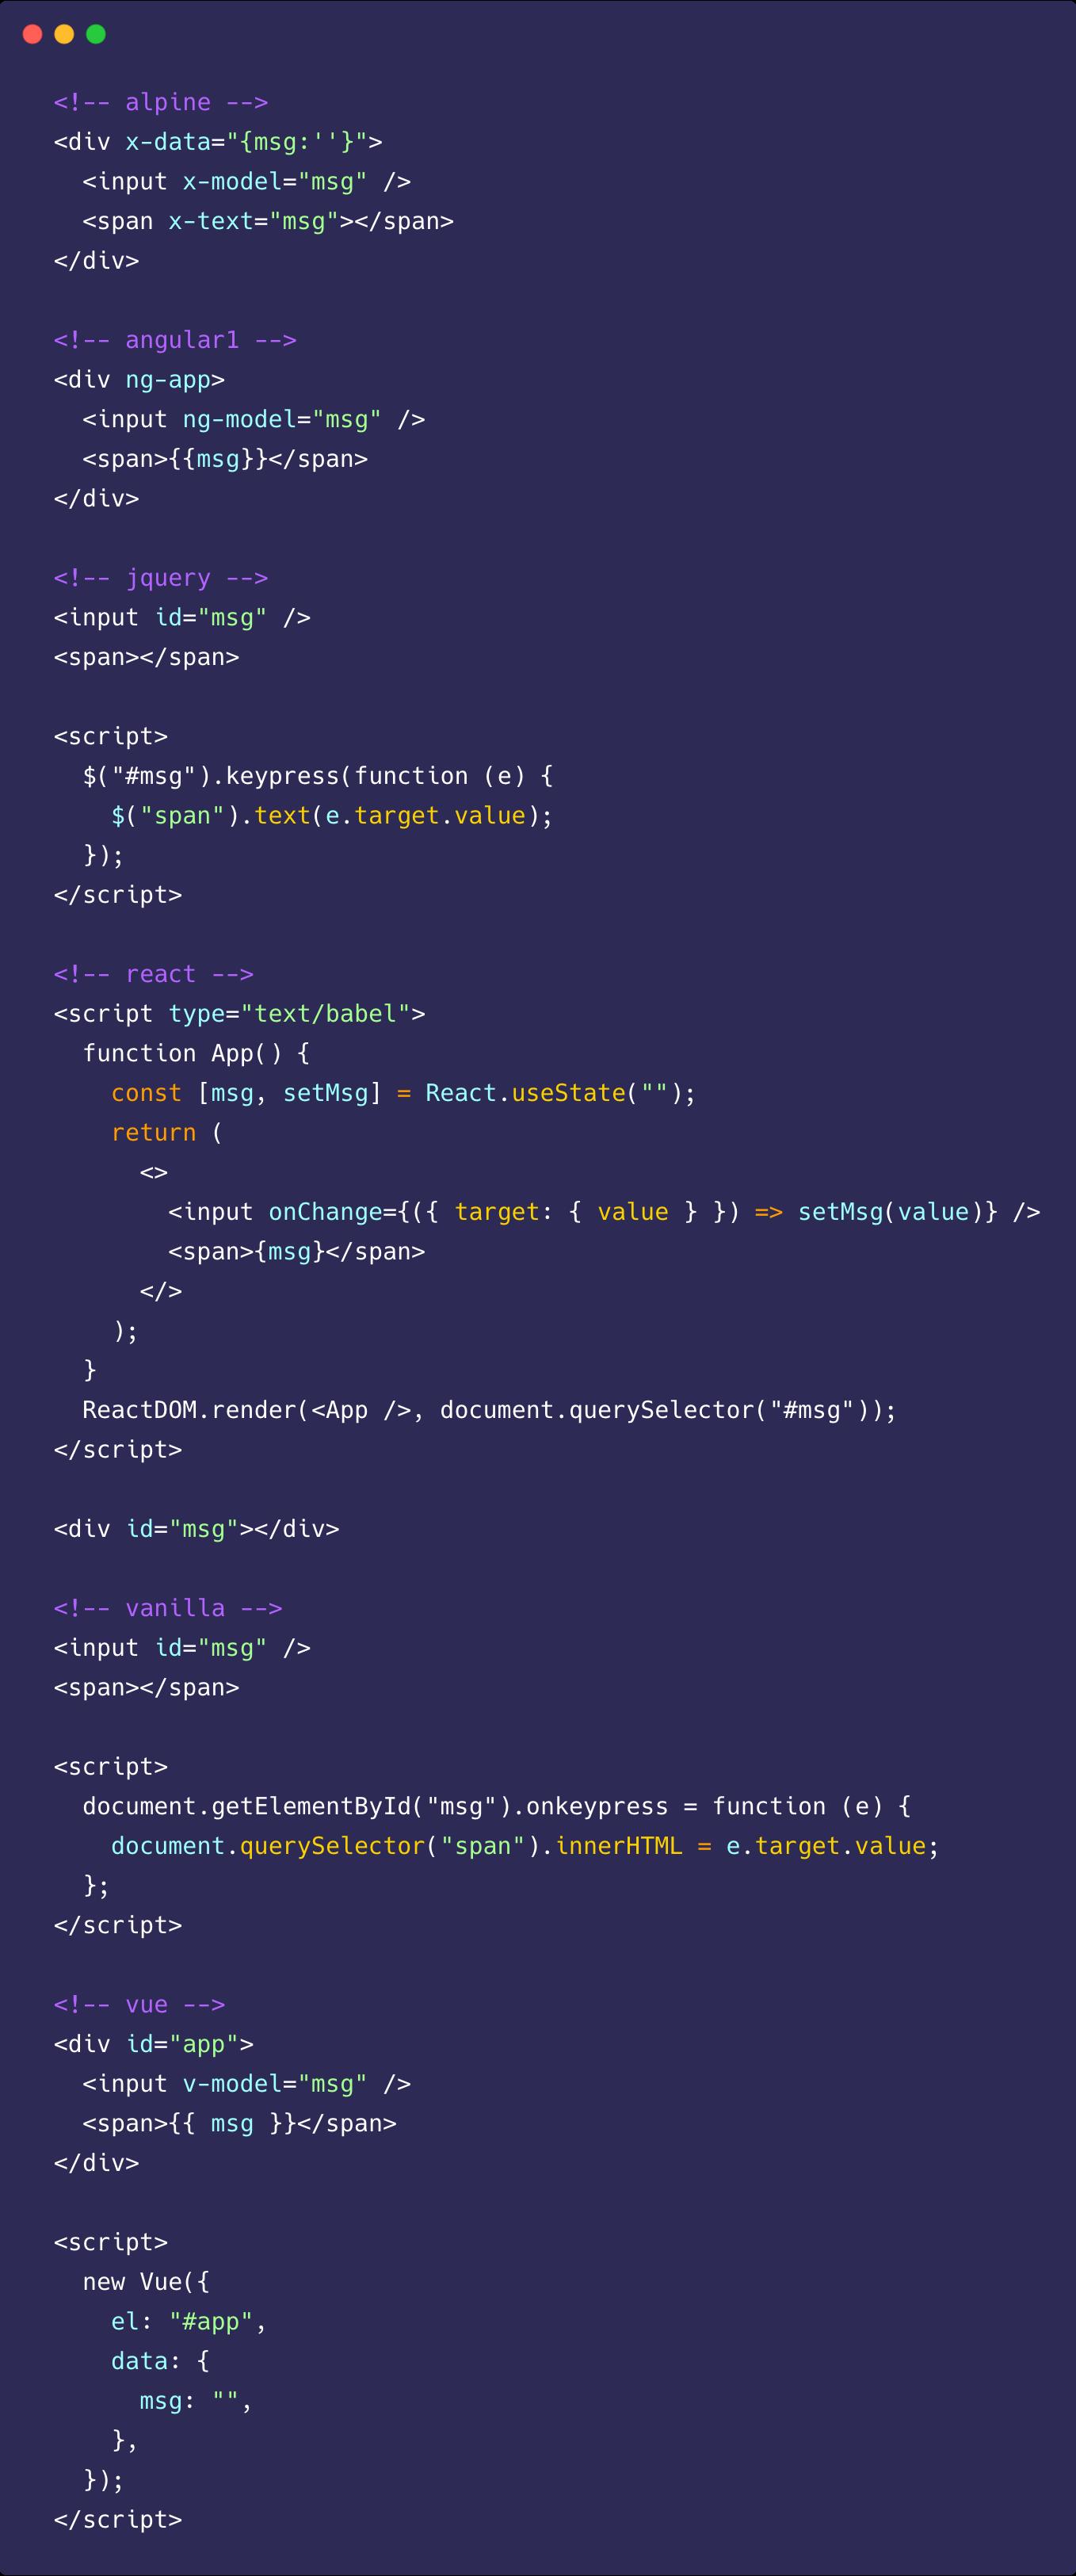 Farklı JavaScript kütüphanelerinde reaktif bir input bileşeninin kodlanması.